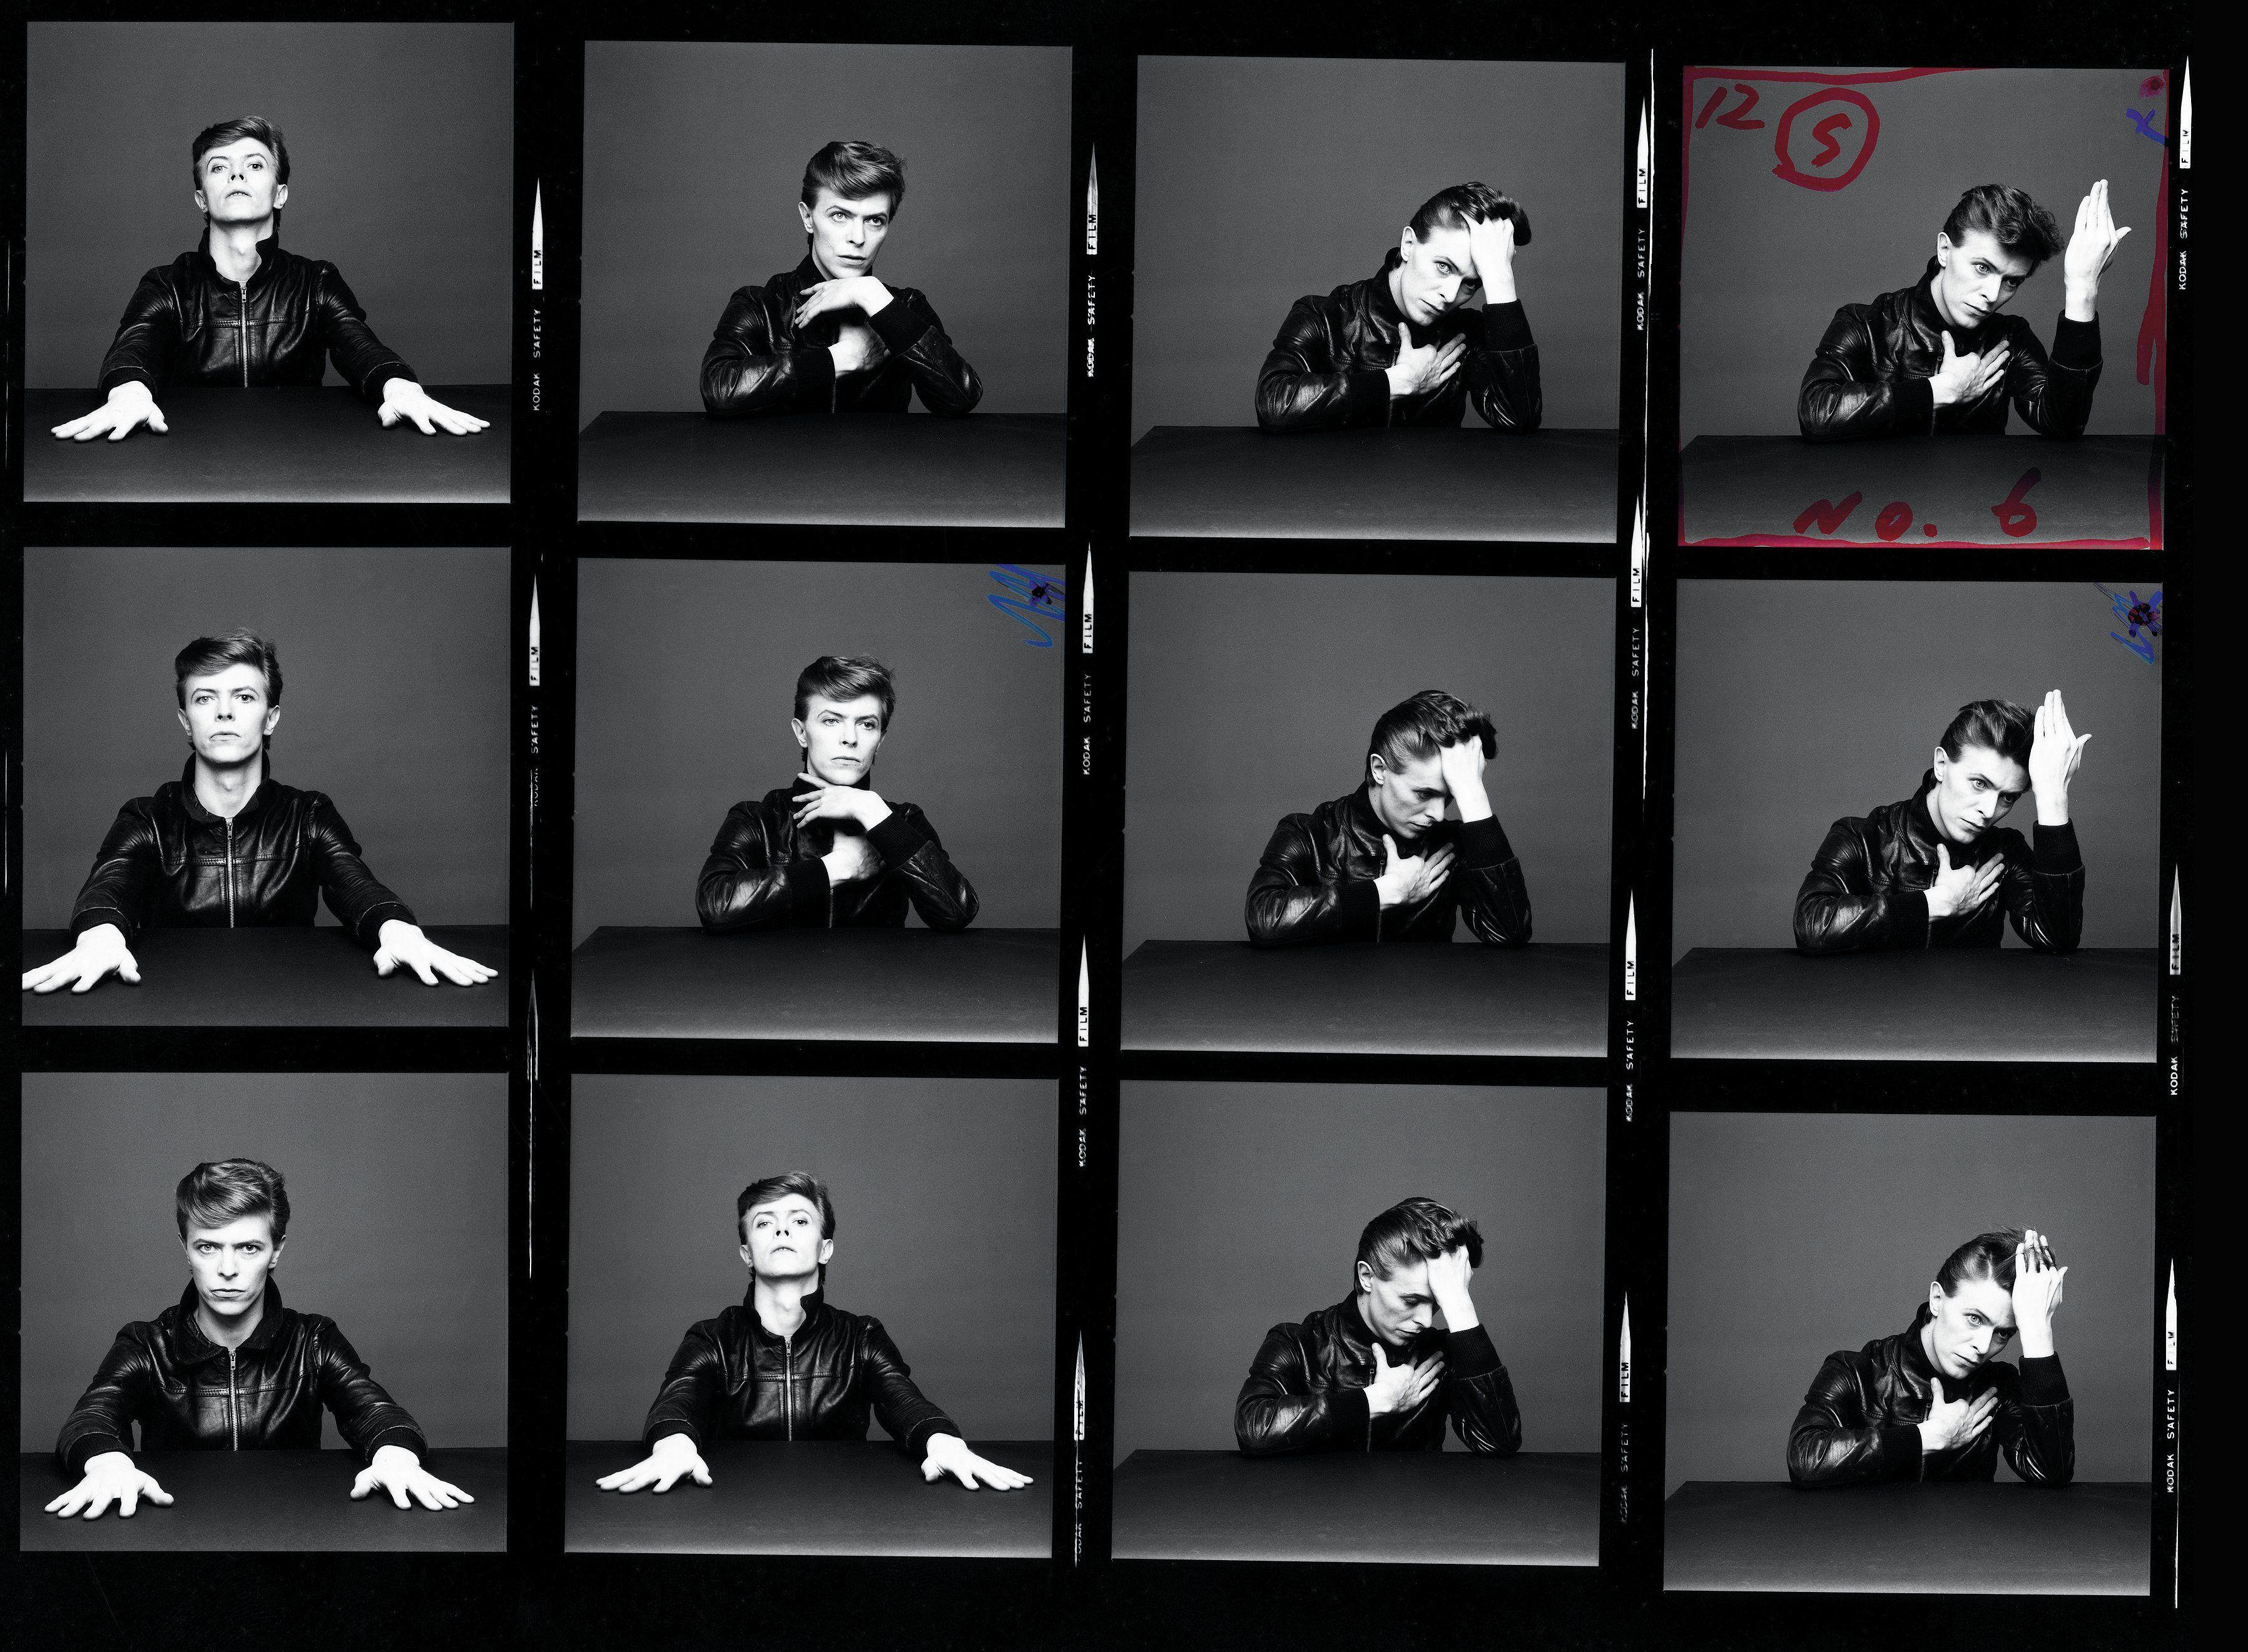 ★ DAVID BOWIE - Discografía confitada  ★  Tonight (1985) y Never let me down (1987). Un mal día lo tiene cualquiera. - Página 10 Bab20f2294ba1727d9893165d8a63302